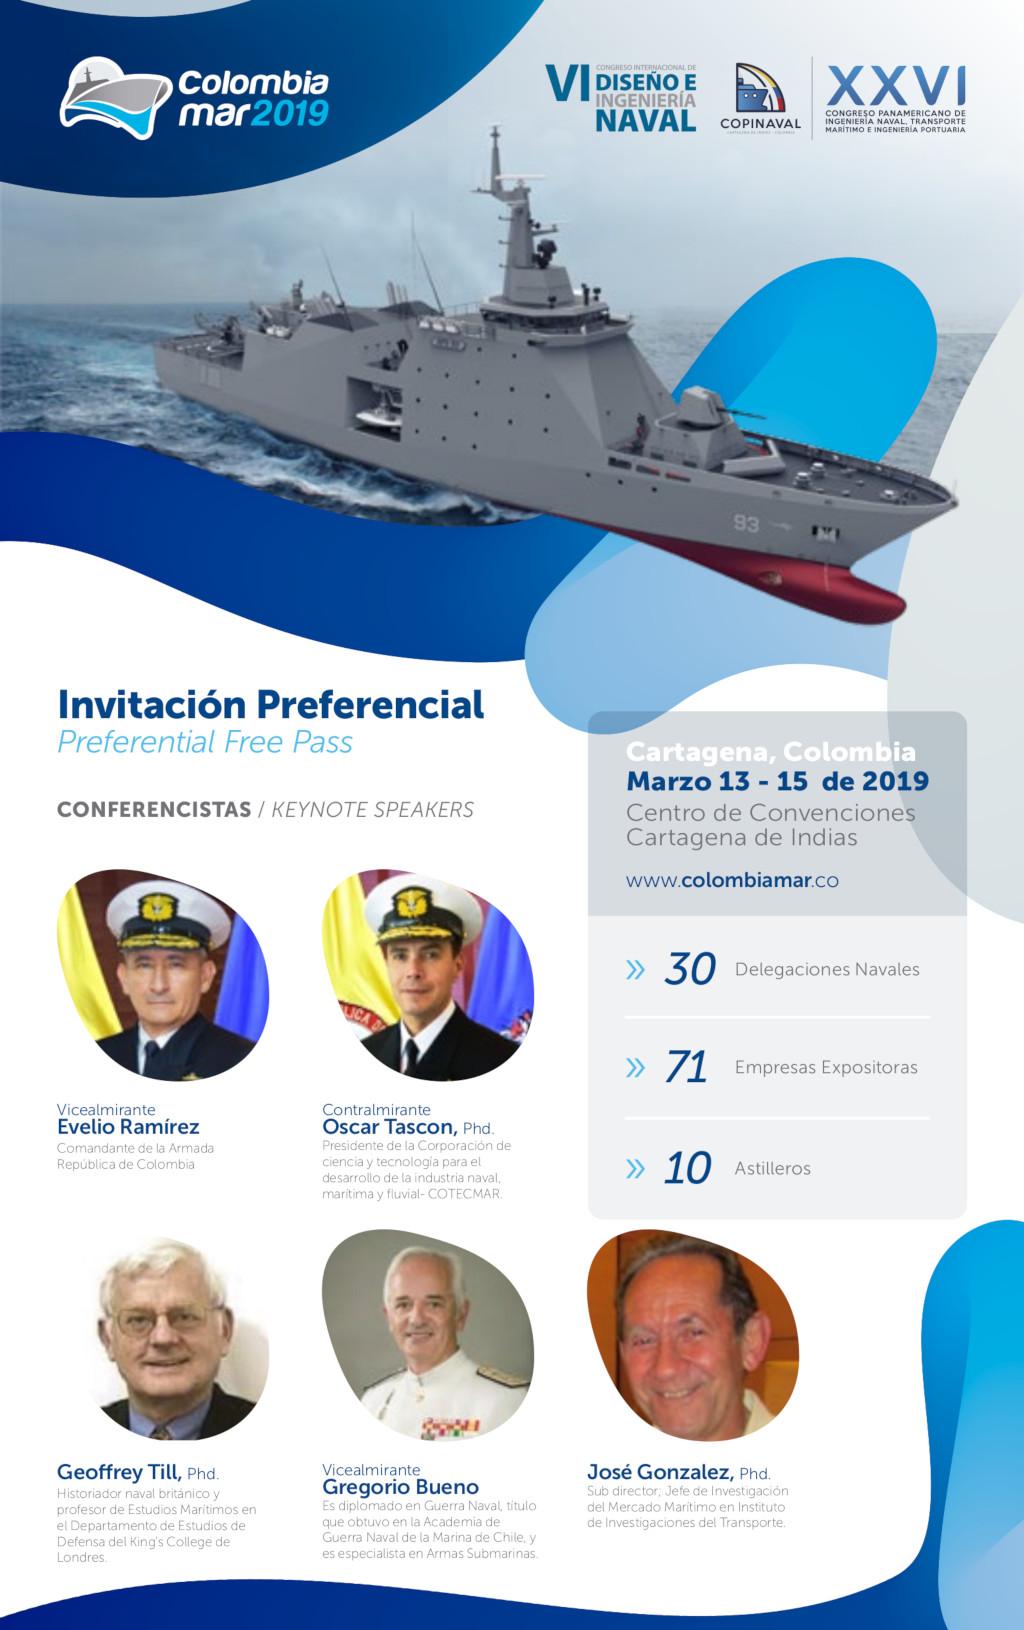 VI Congreso Internacional de Diseño e Ingeniería Naval y Feria Colombiamar 2019